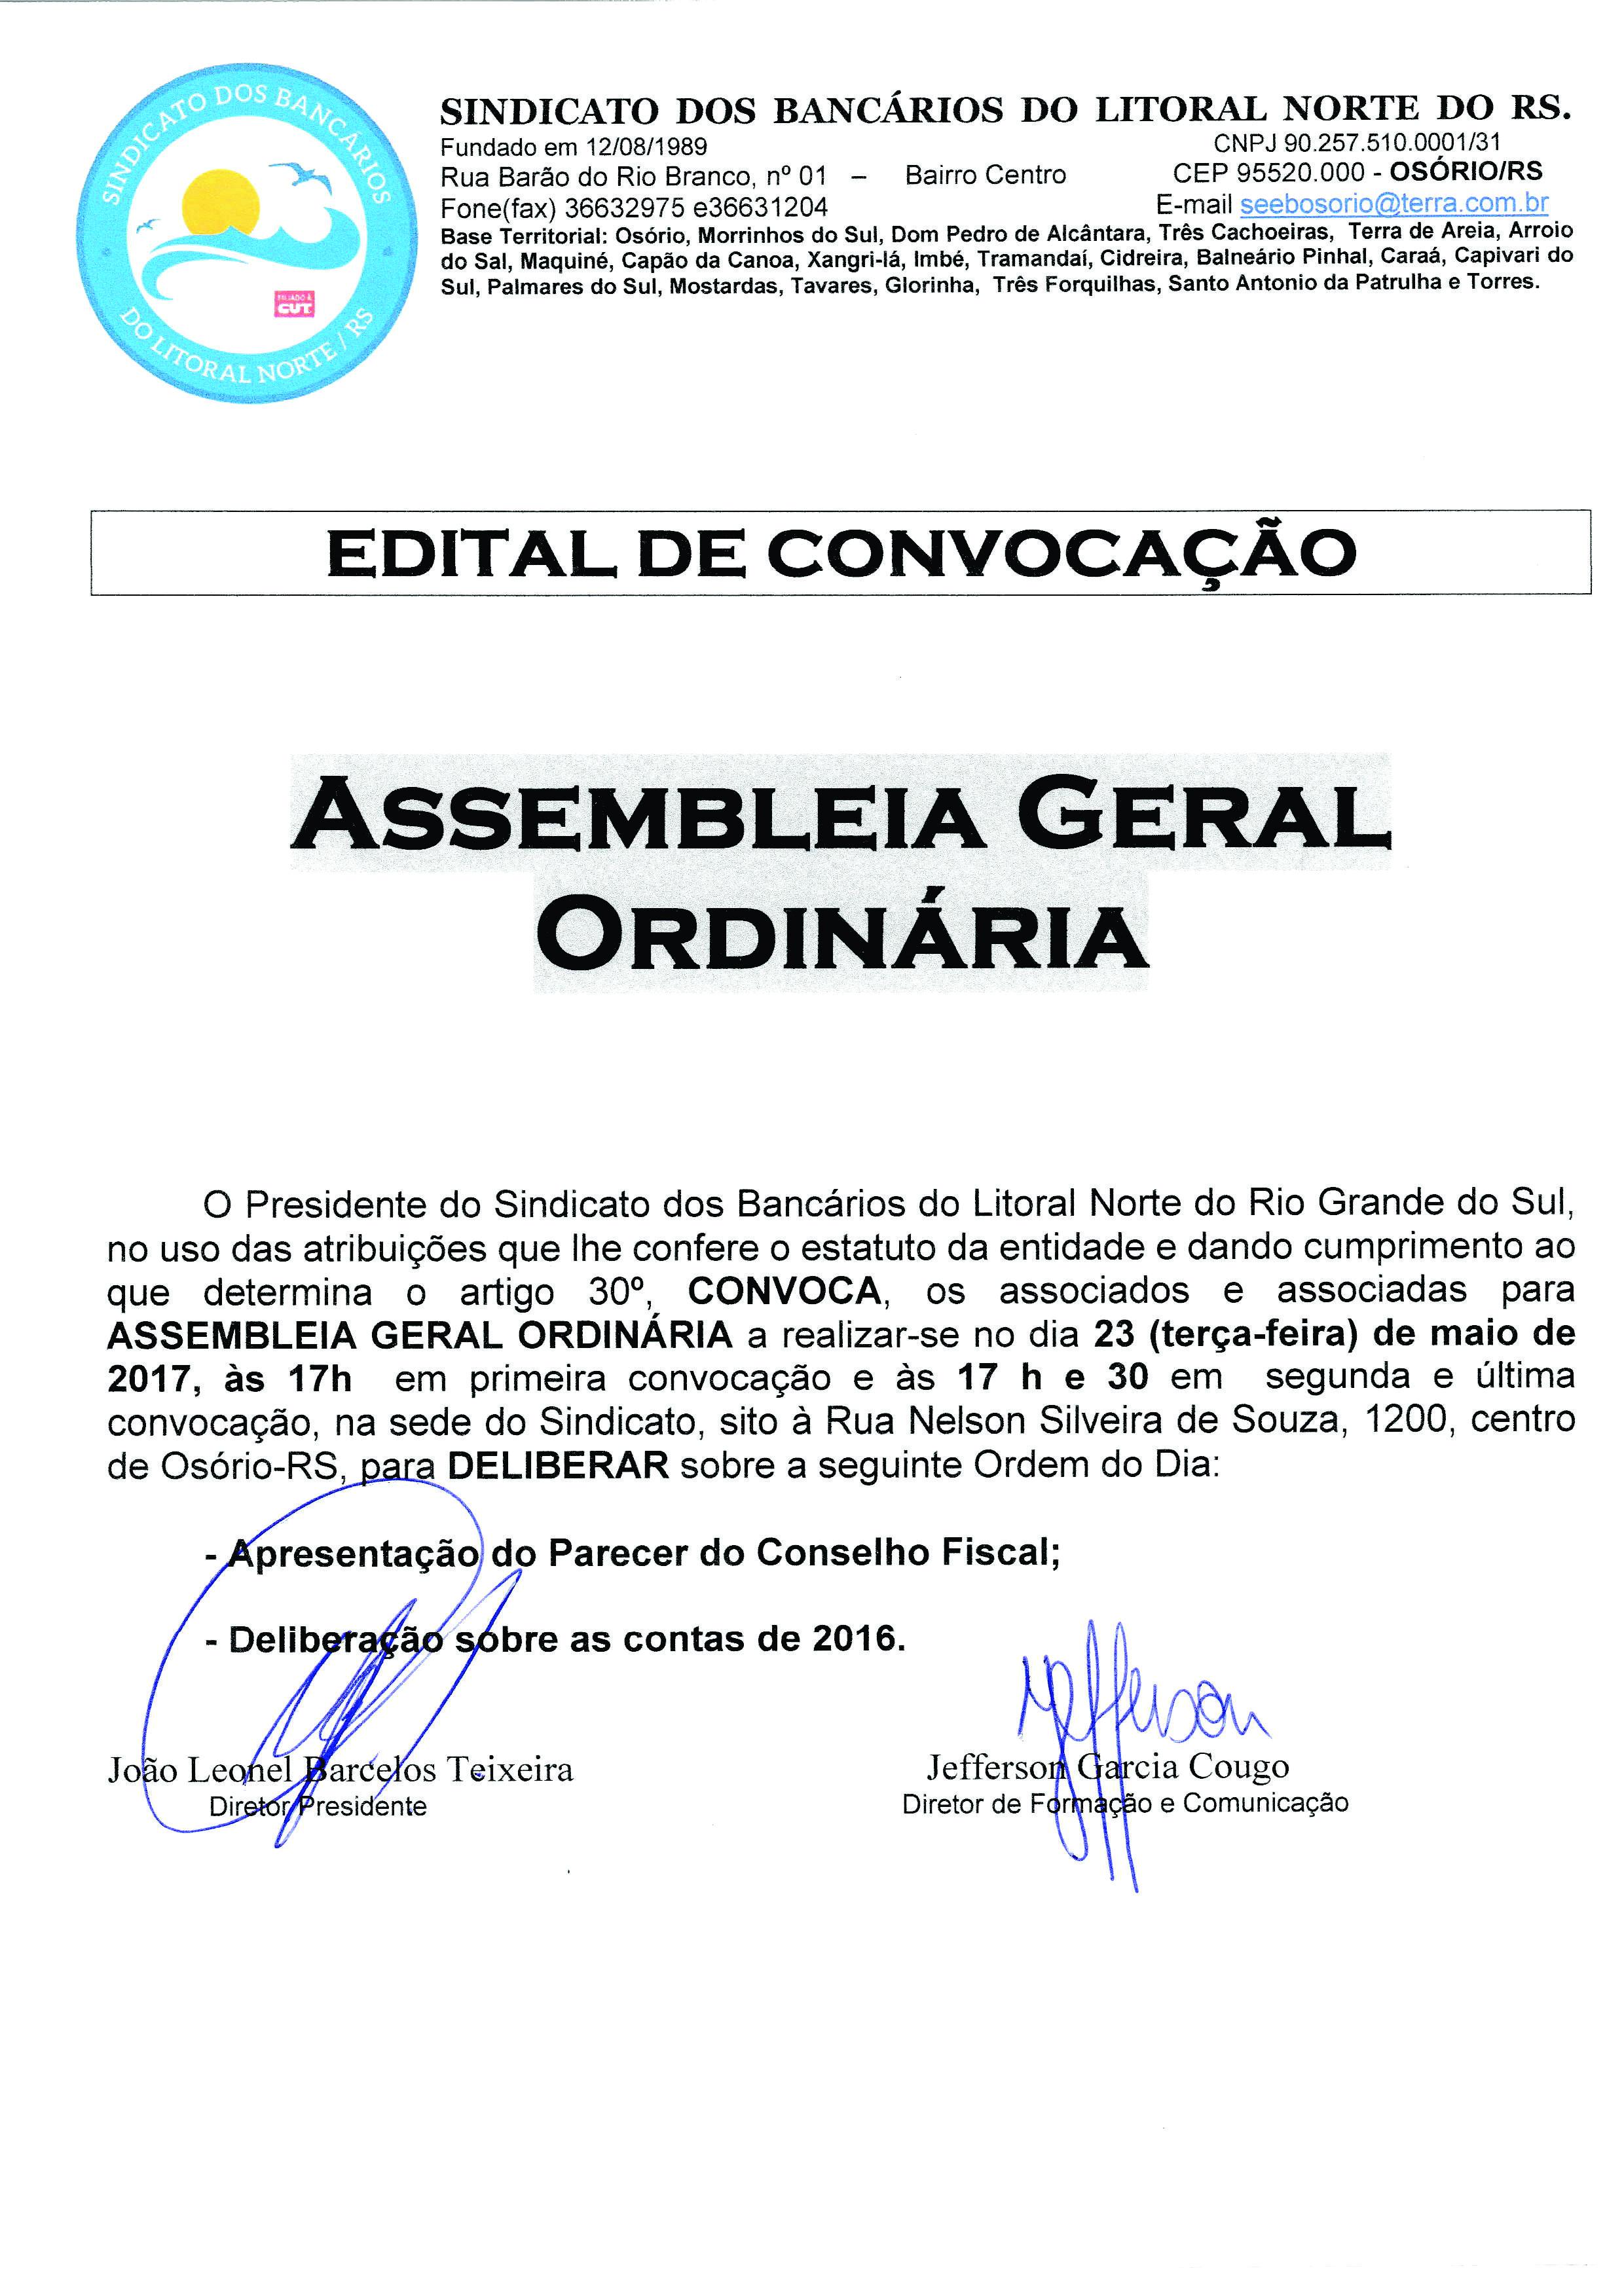 Edital de Convocação- Assembleia 23/5/2017